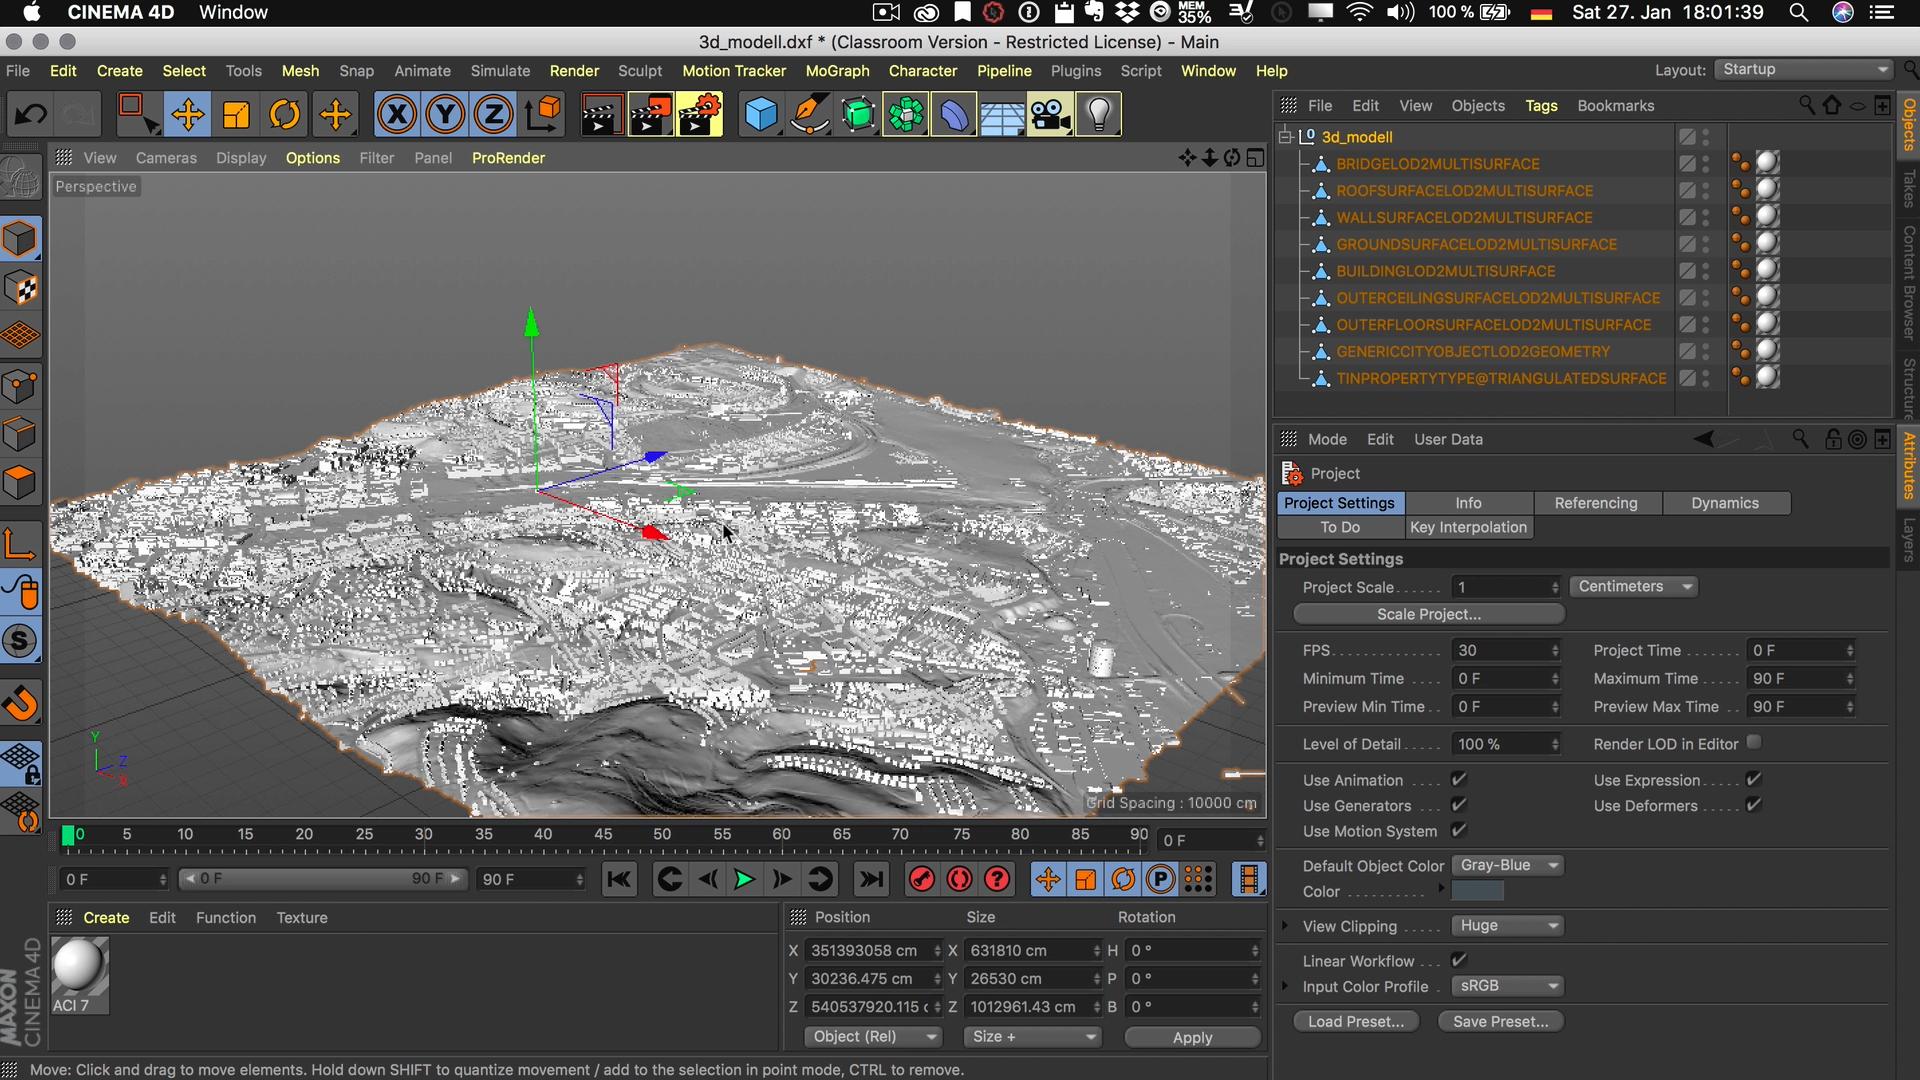 Cinema4D 3D-Stadtmodell Viewport Editor Modell sichtbar